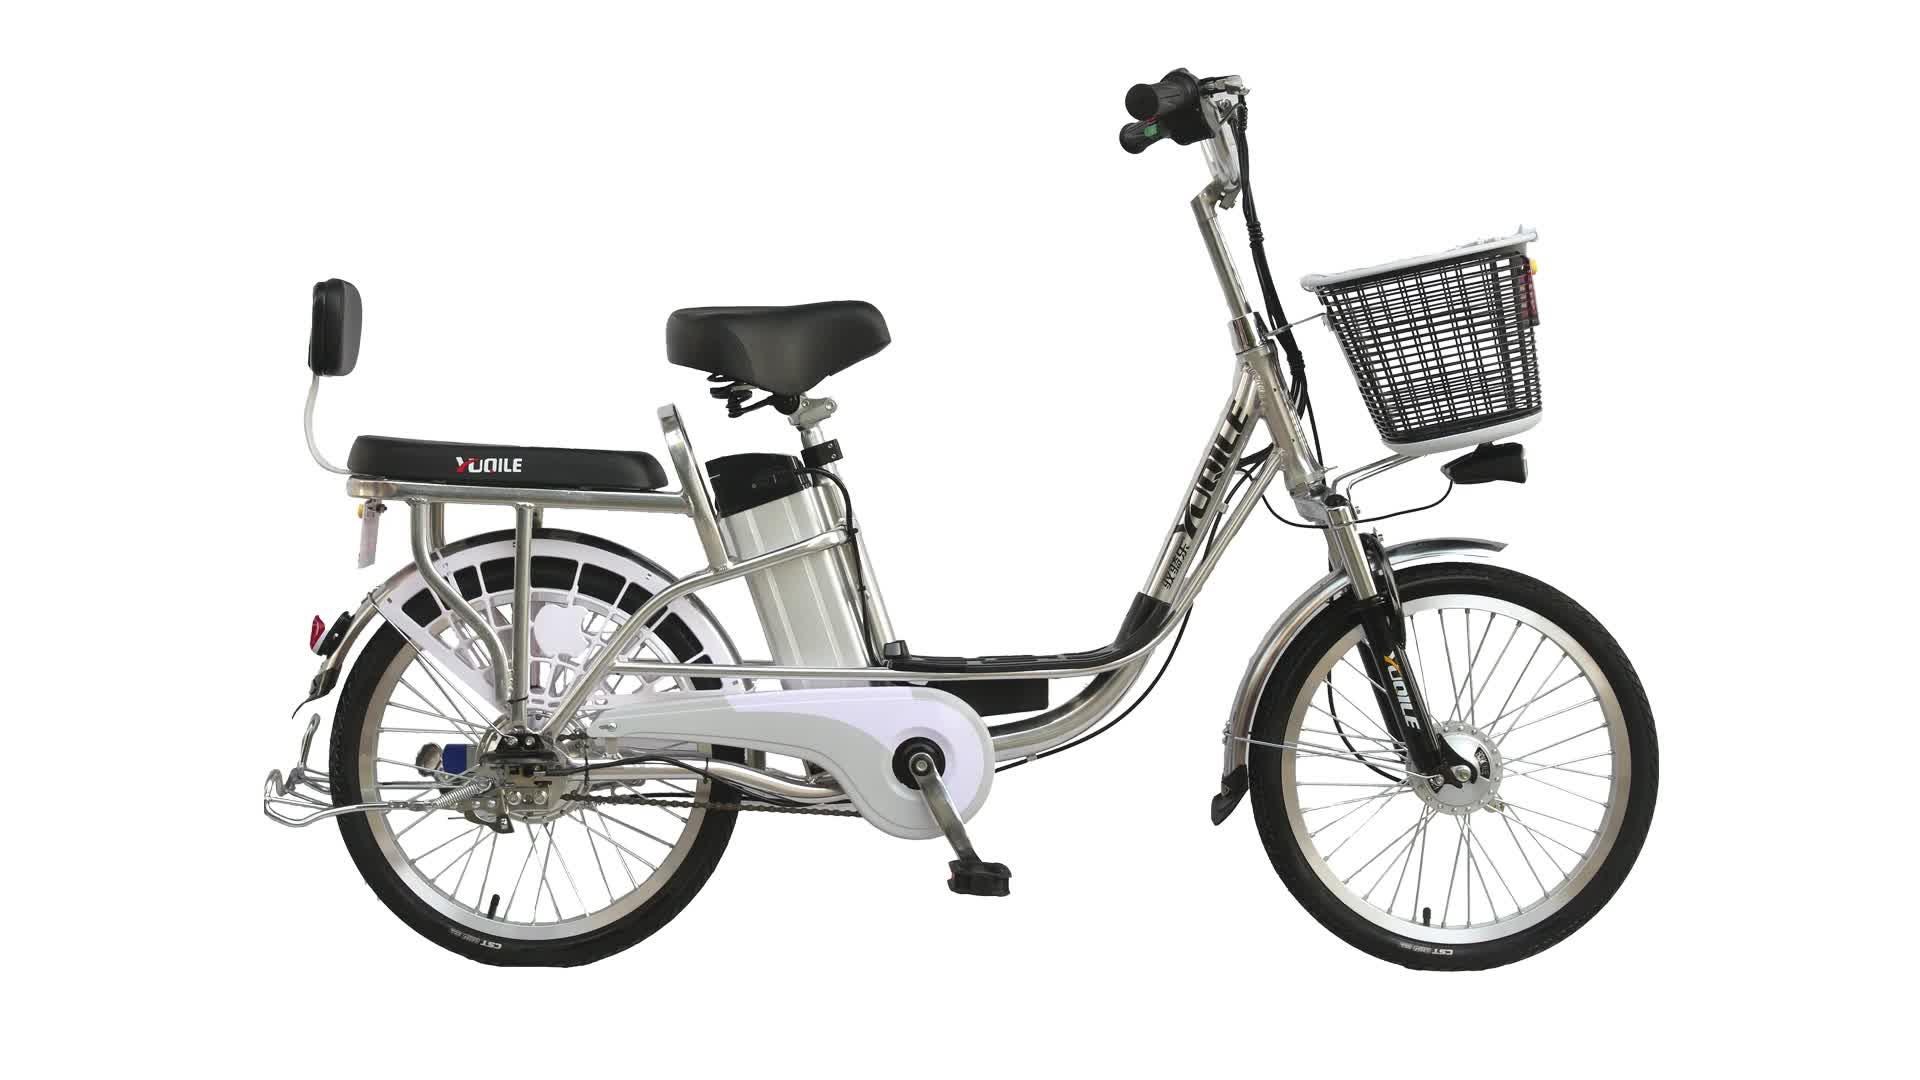 चीनी आयातक सबसे तेजी से सस्ते रेट्रो 48v बैटरी इलेक्ट्रिक साइकिल